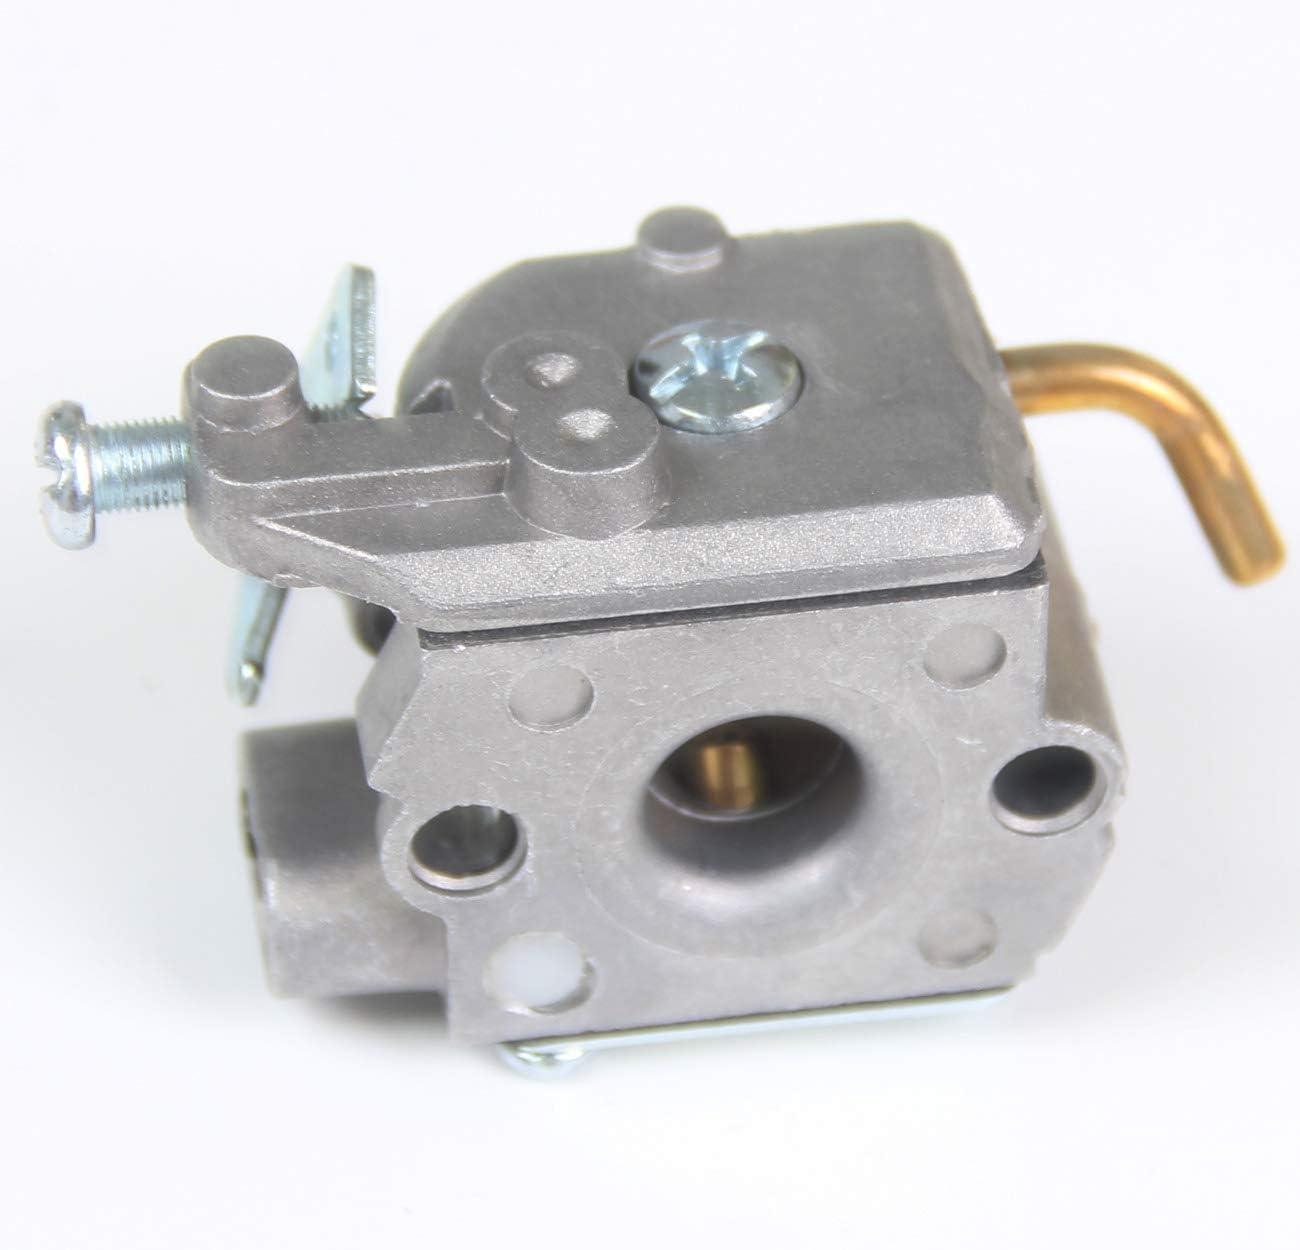 Carburetor #632941 A,B,C 632979 640231 640901 640911 TC200 /& TC300 Engines Carb